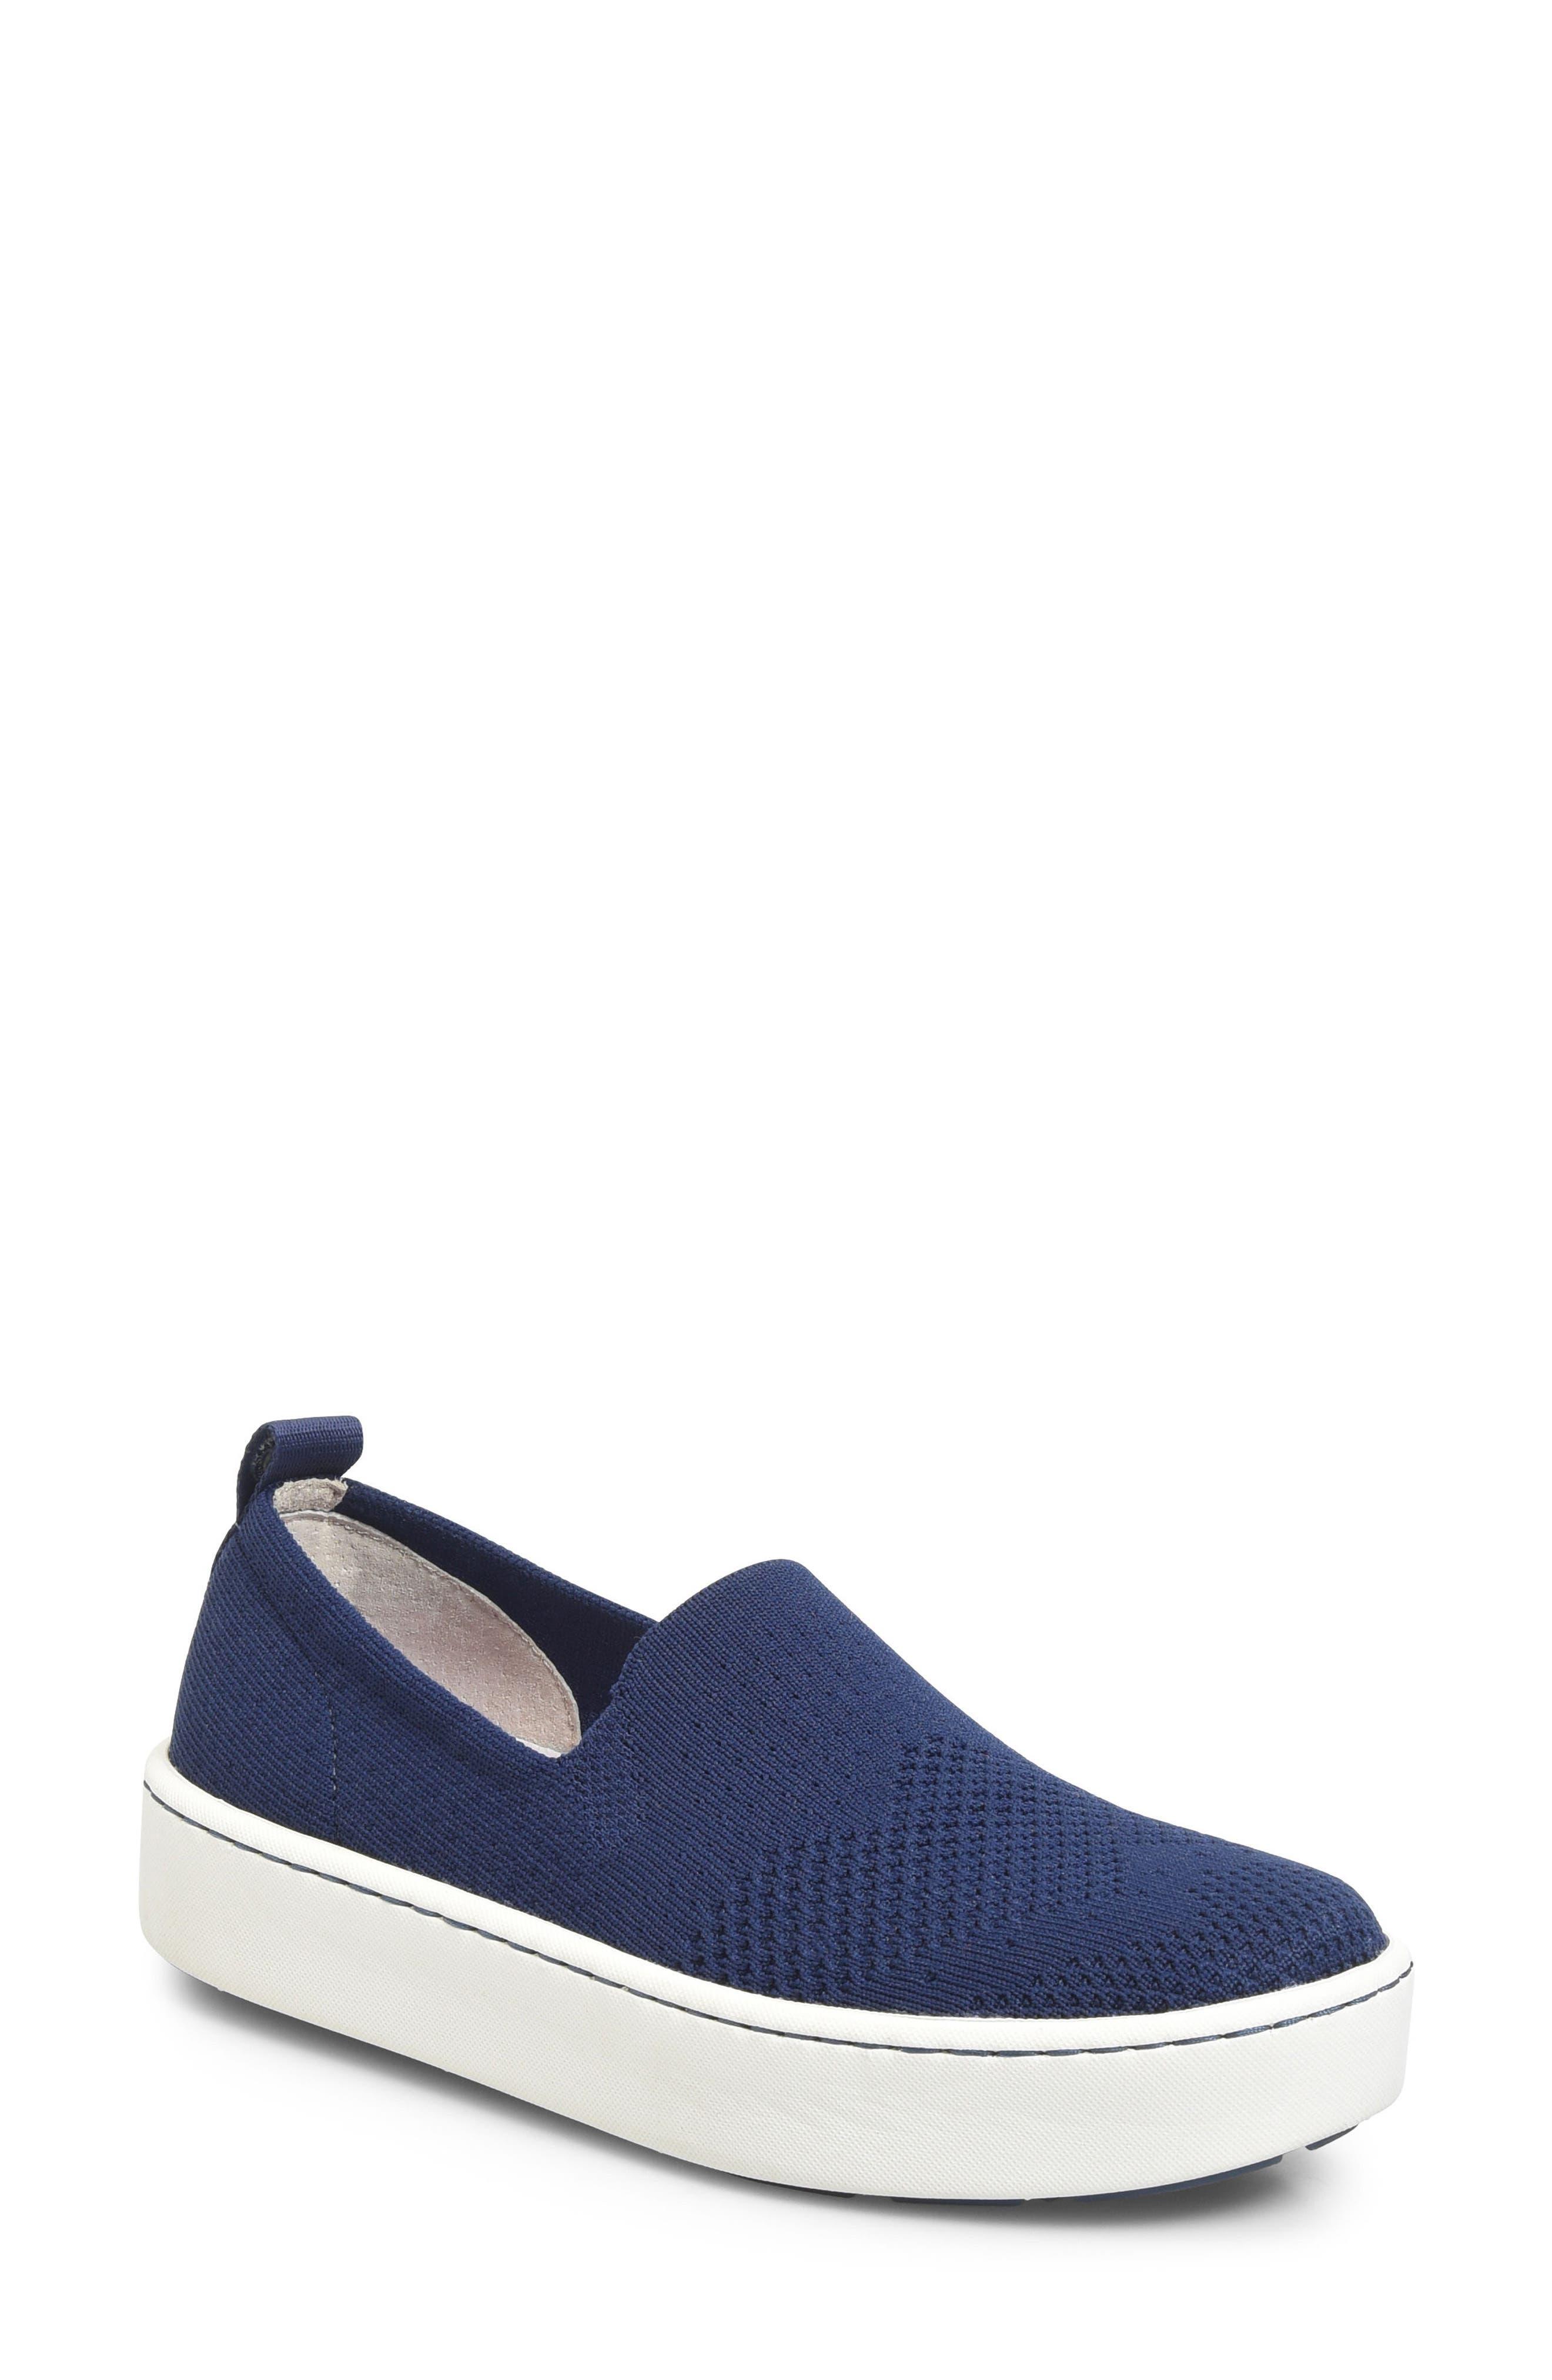 Main Image - Børn Sun Slip-On Sneaker (Women)